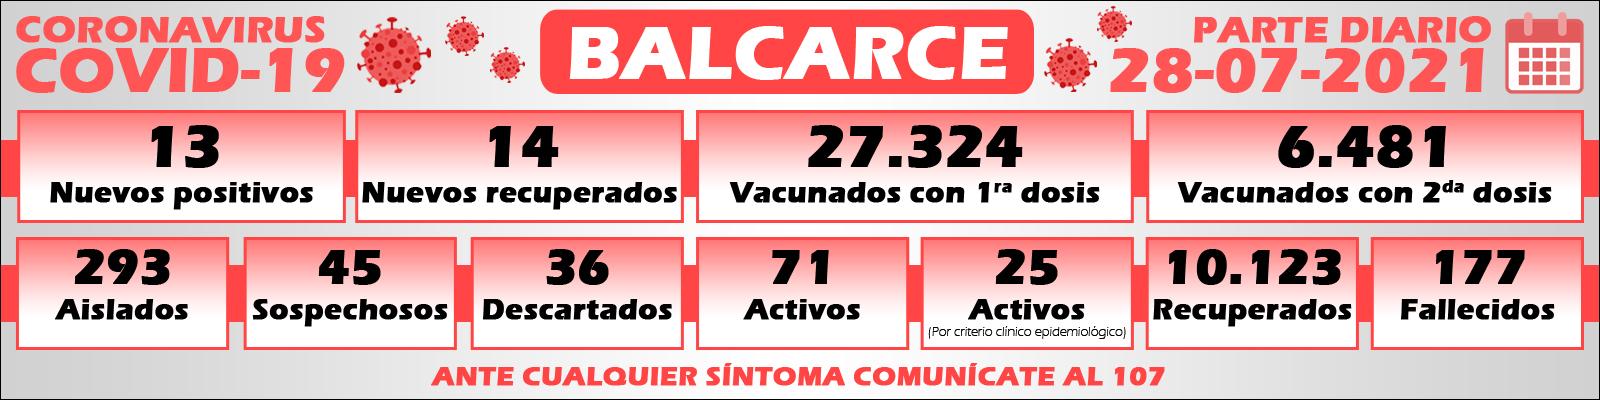 Informese Primero - El Diario Digital de Balcarce